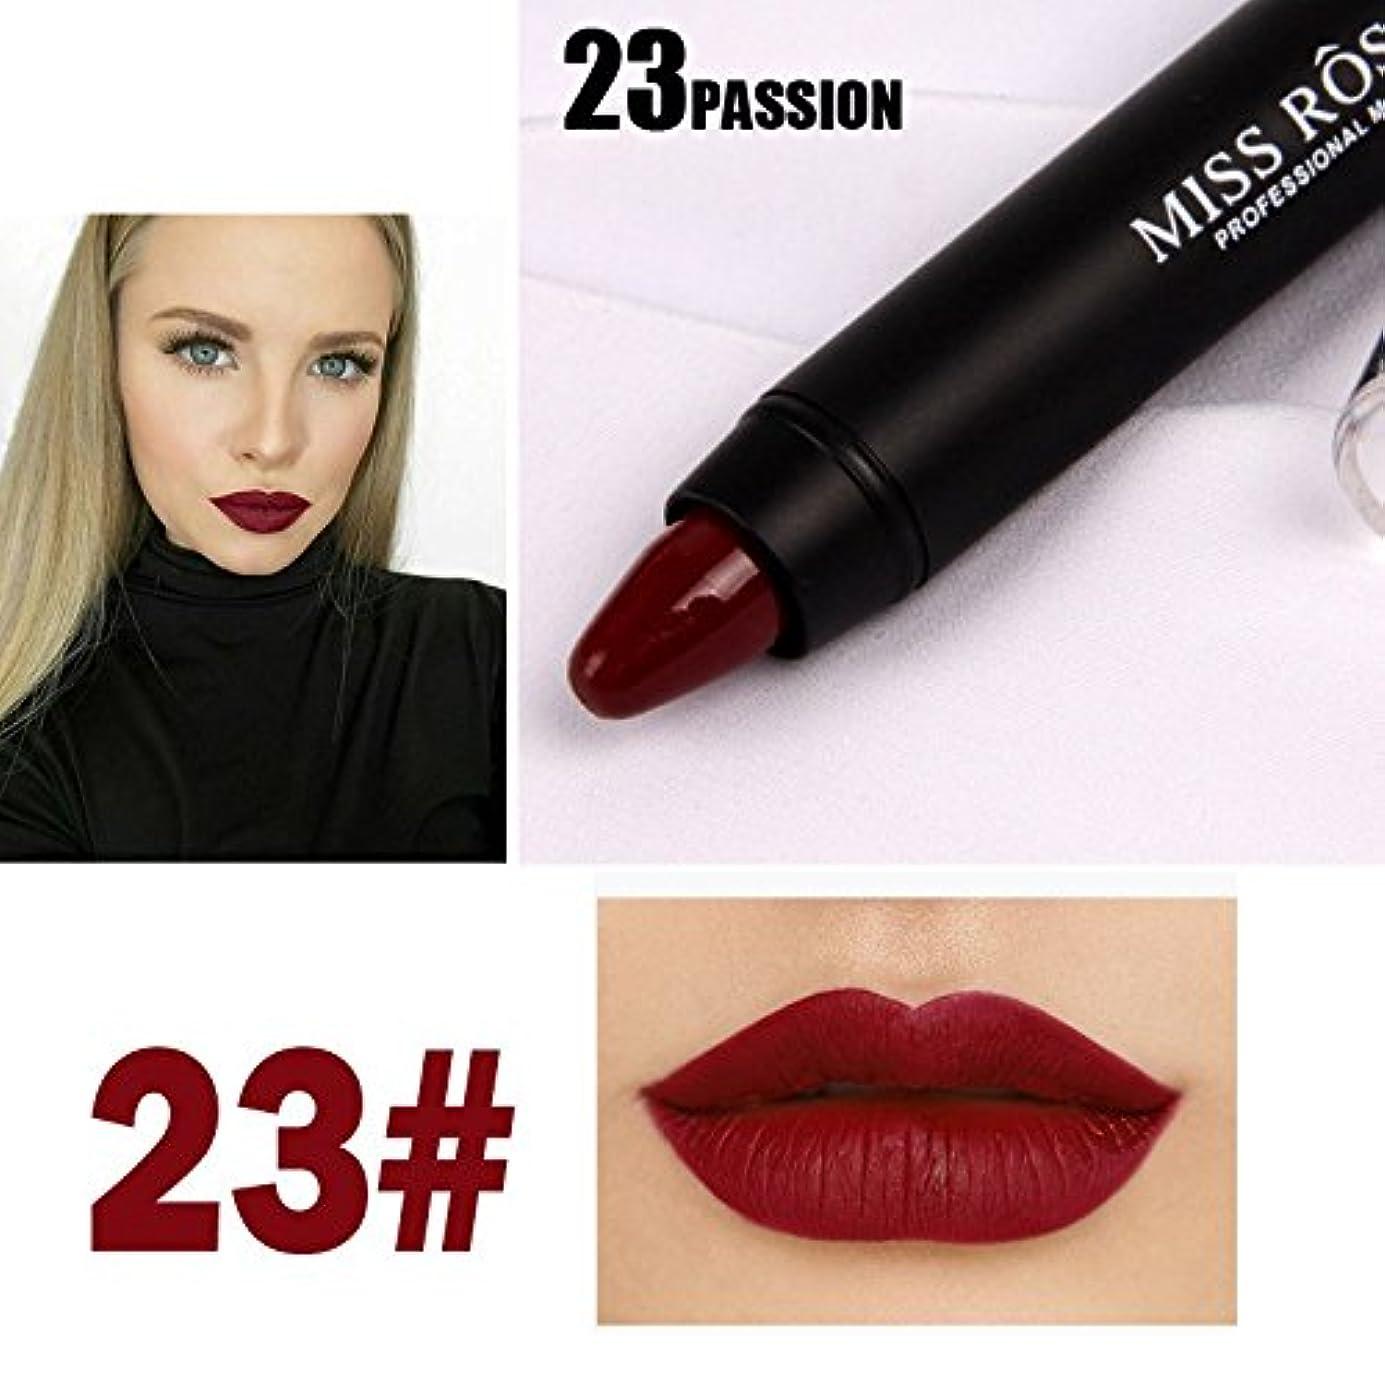 ブランド因子変化するMISS ROSE Professional Women Waterproof Lipstick Lips Cream Beauty Lote Batom Matte Lipstick Nude Pencils Makeup